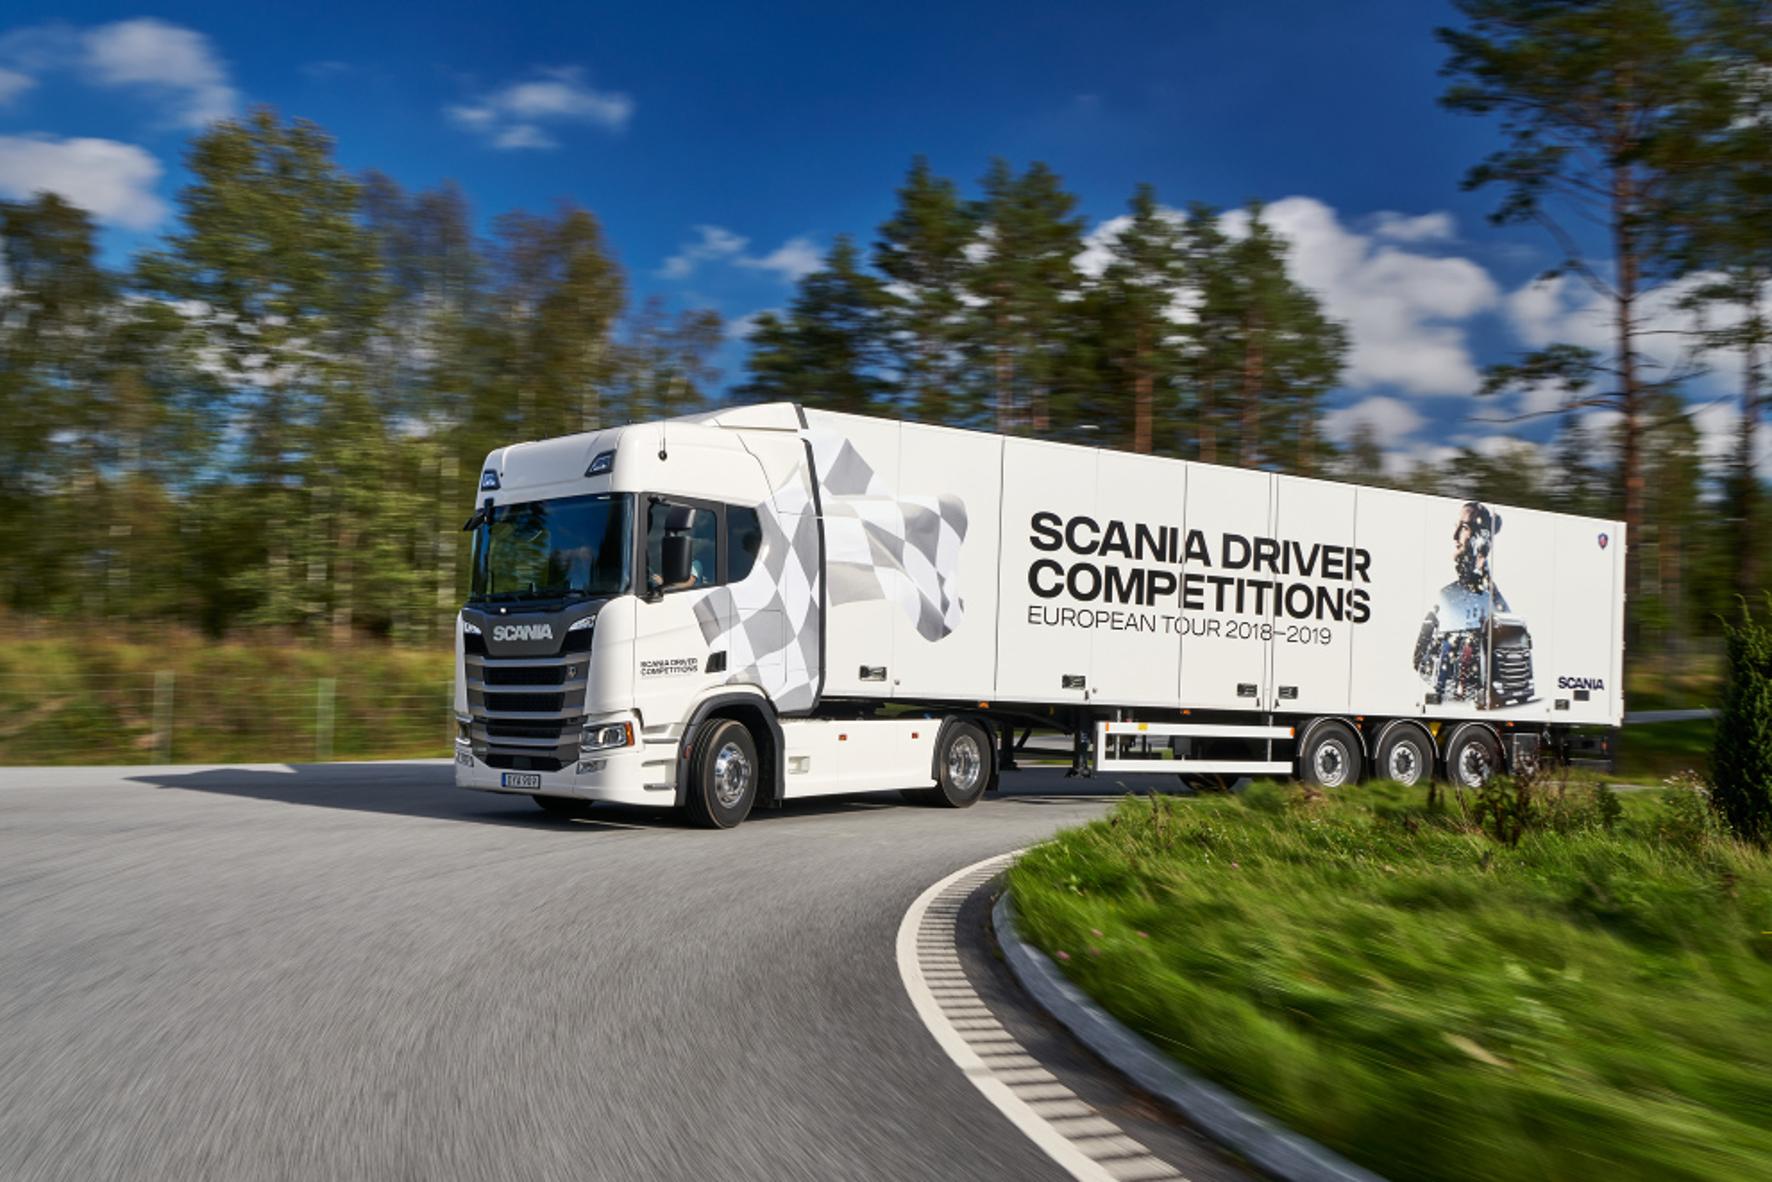 mid Groß-Gerau - Scania will wissen, wer in Europa der beste Berufskraftfahrer ist. Scania